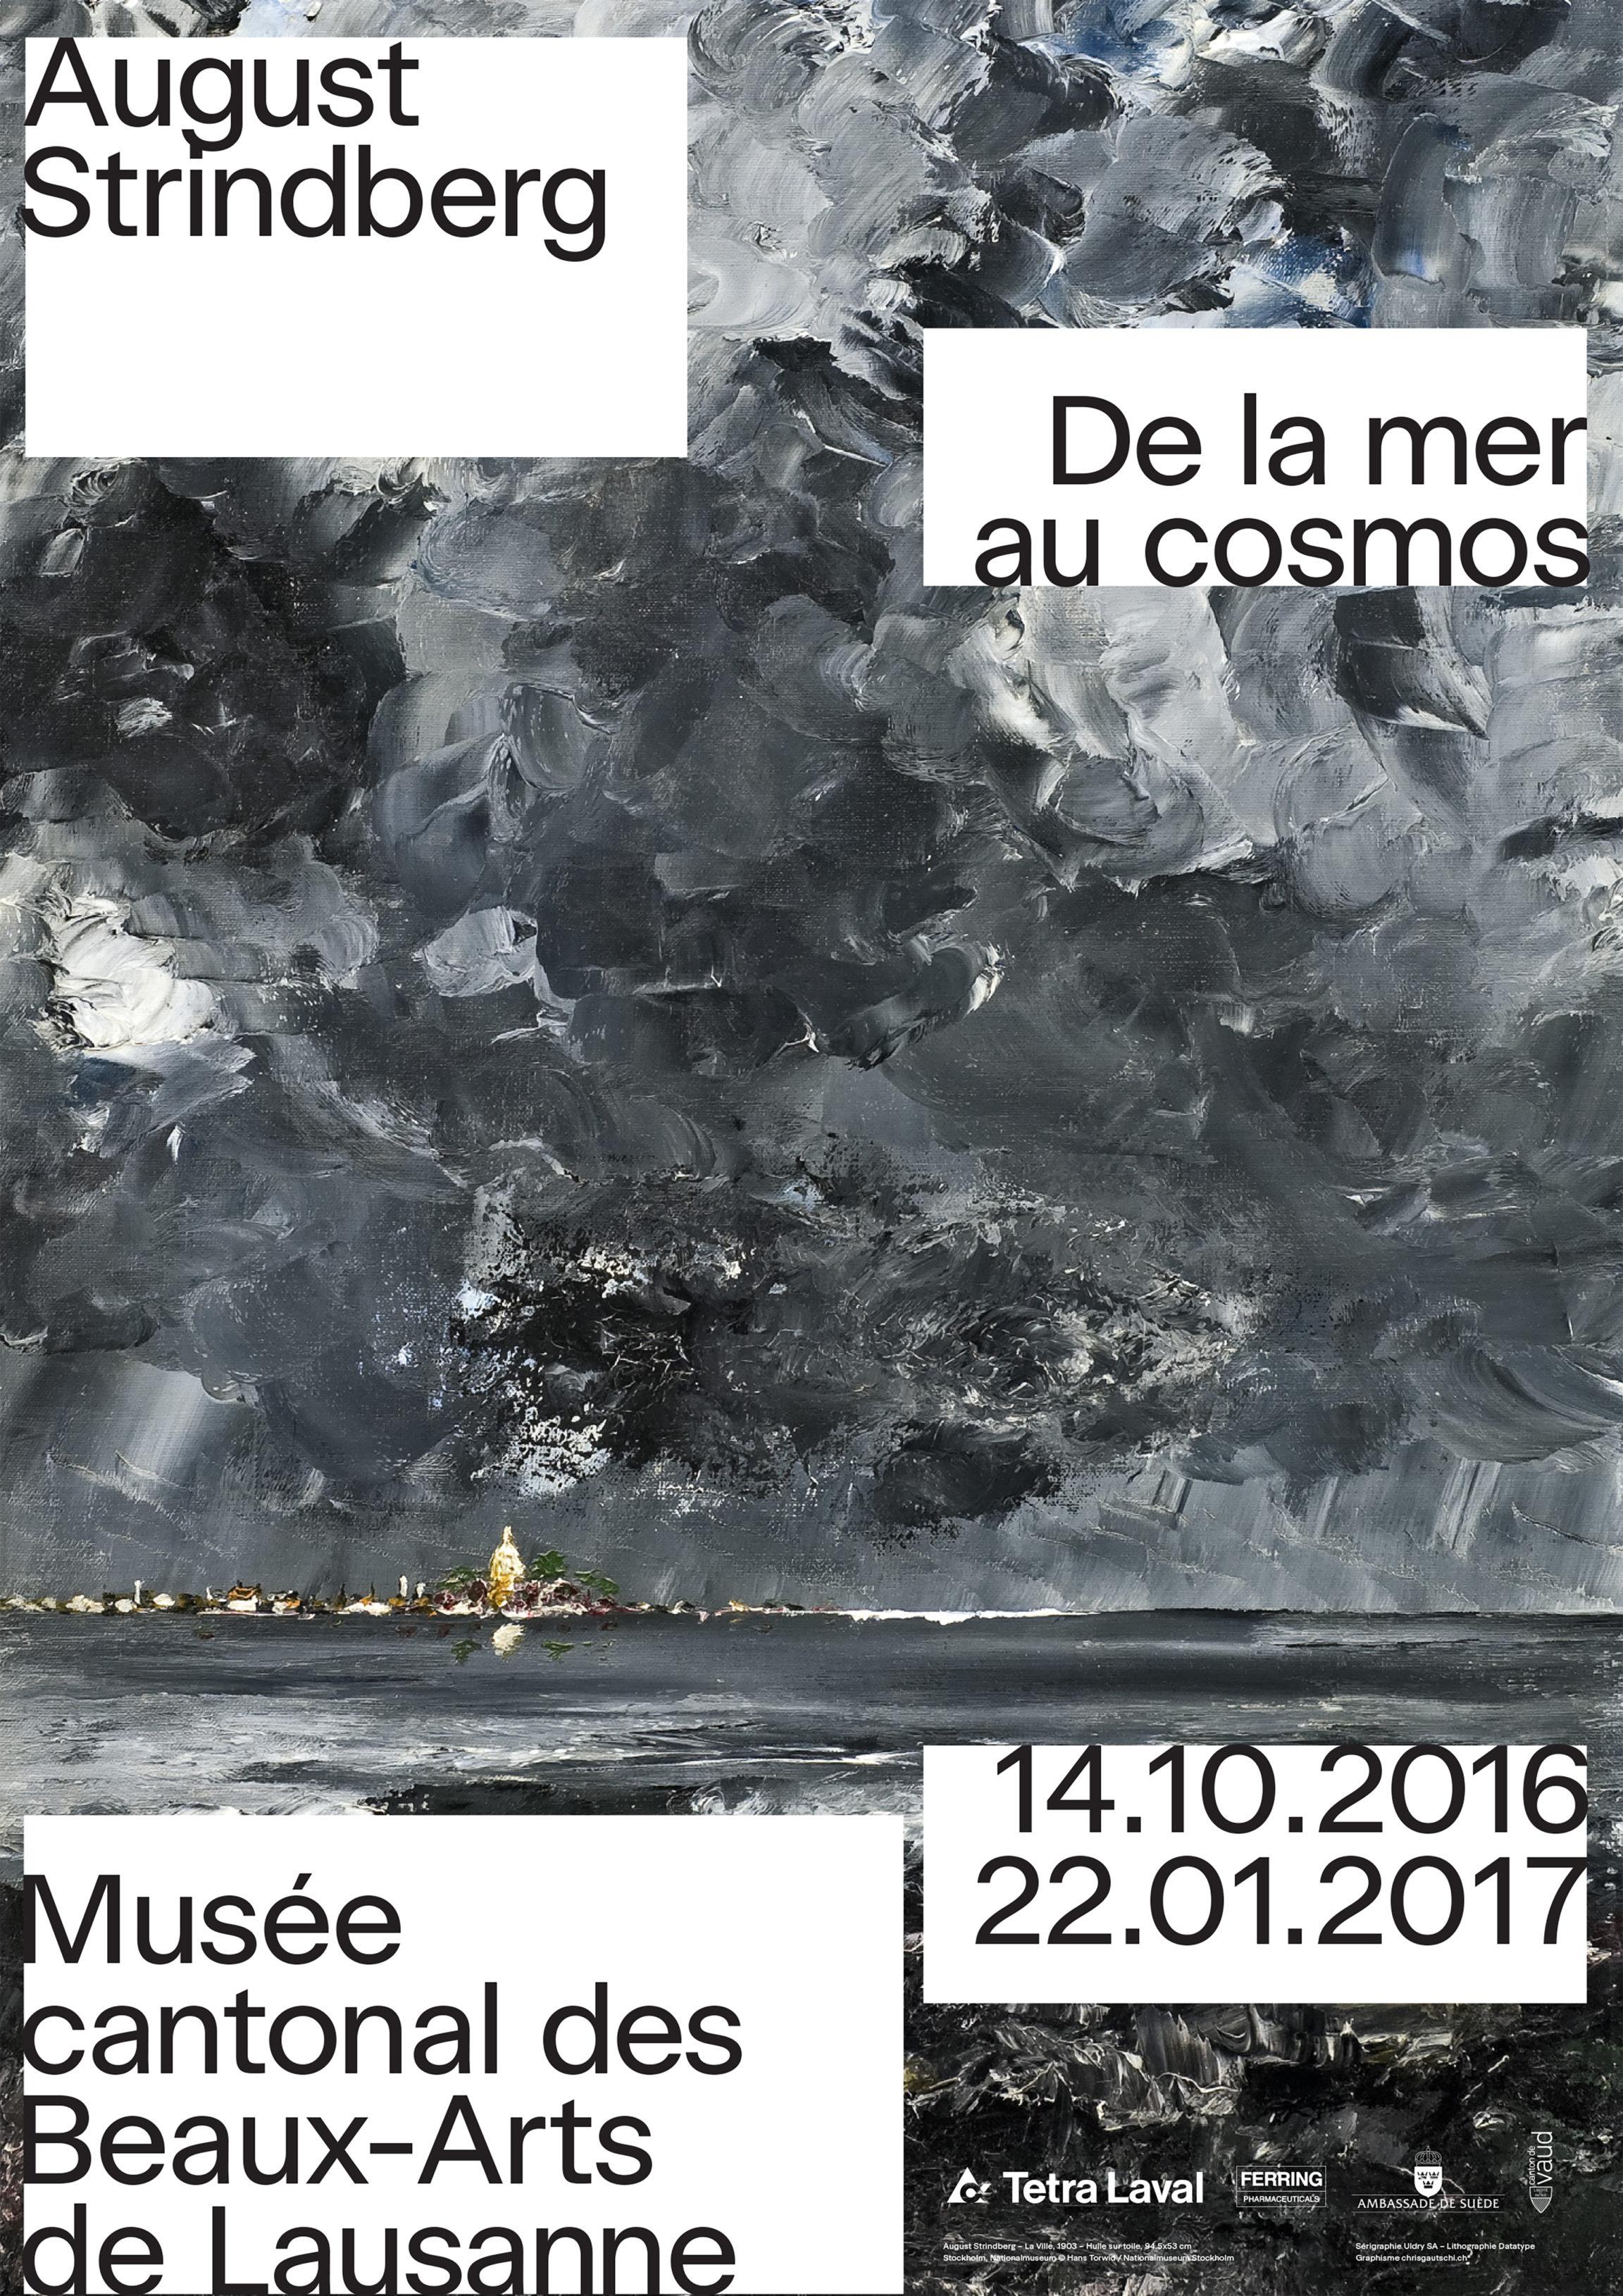 August Strindberg<br> De la mer au cosmos